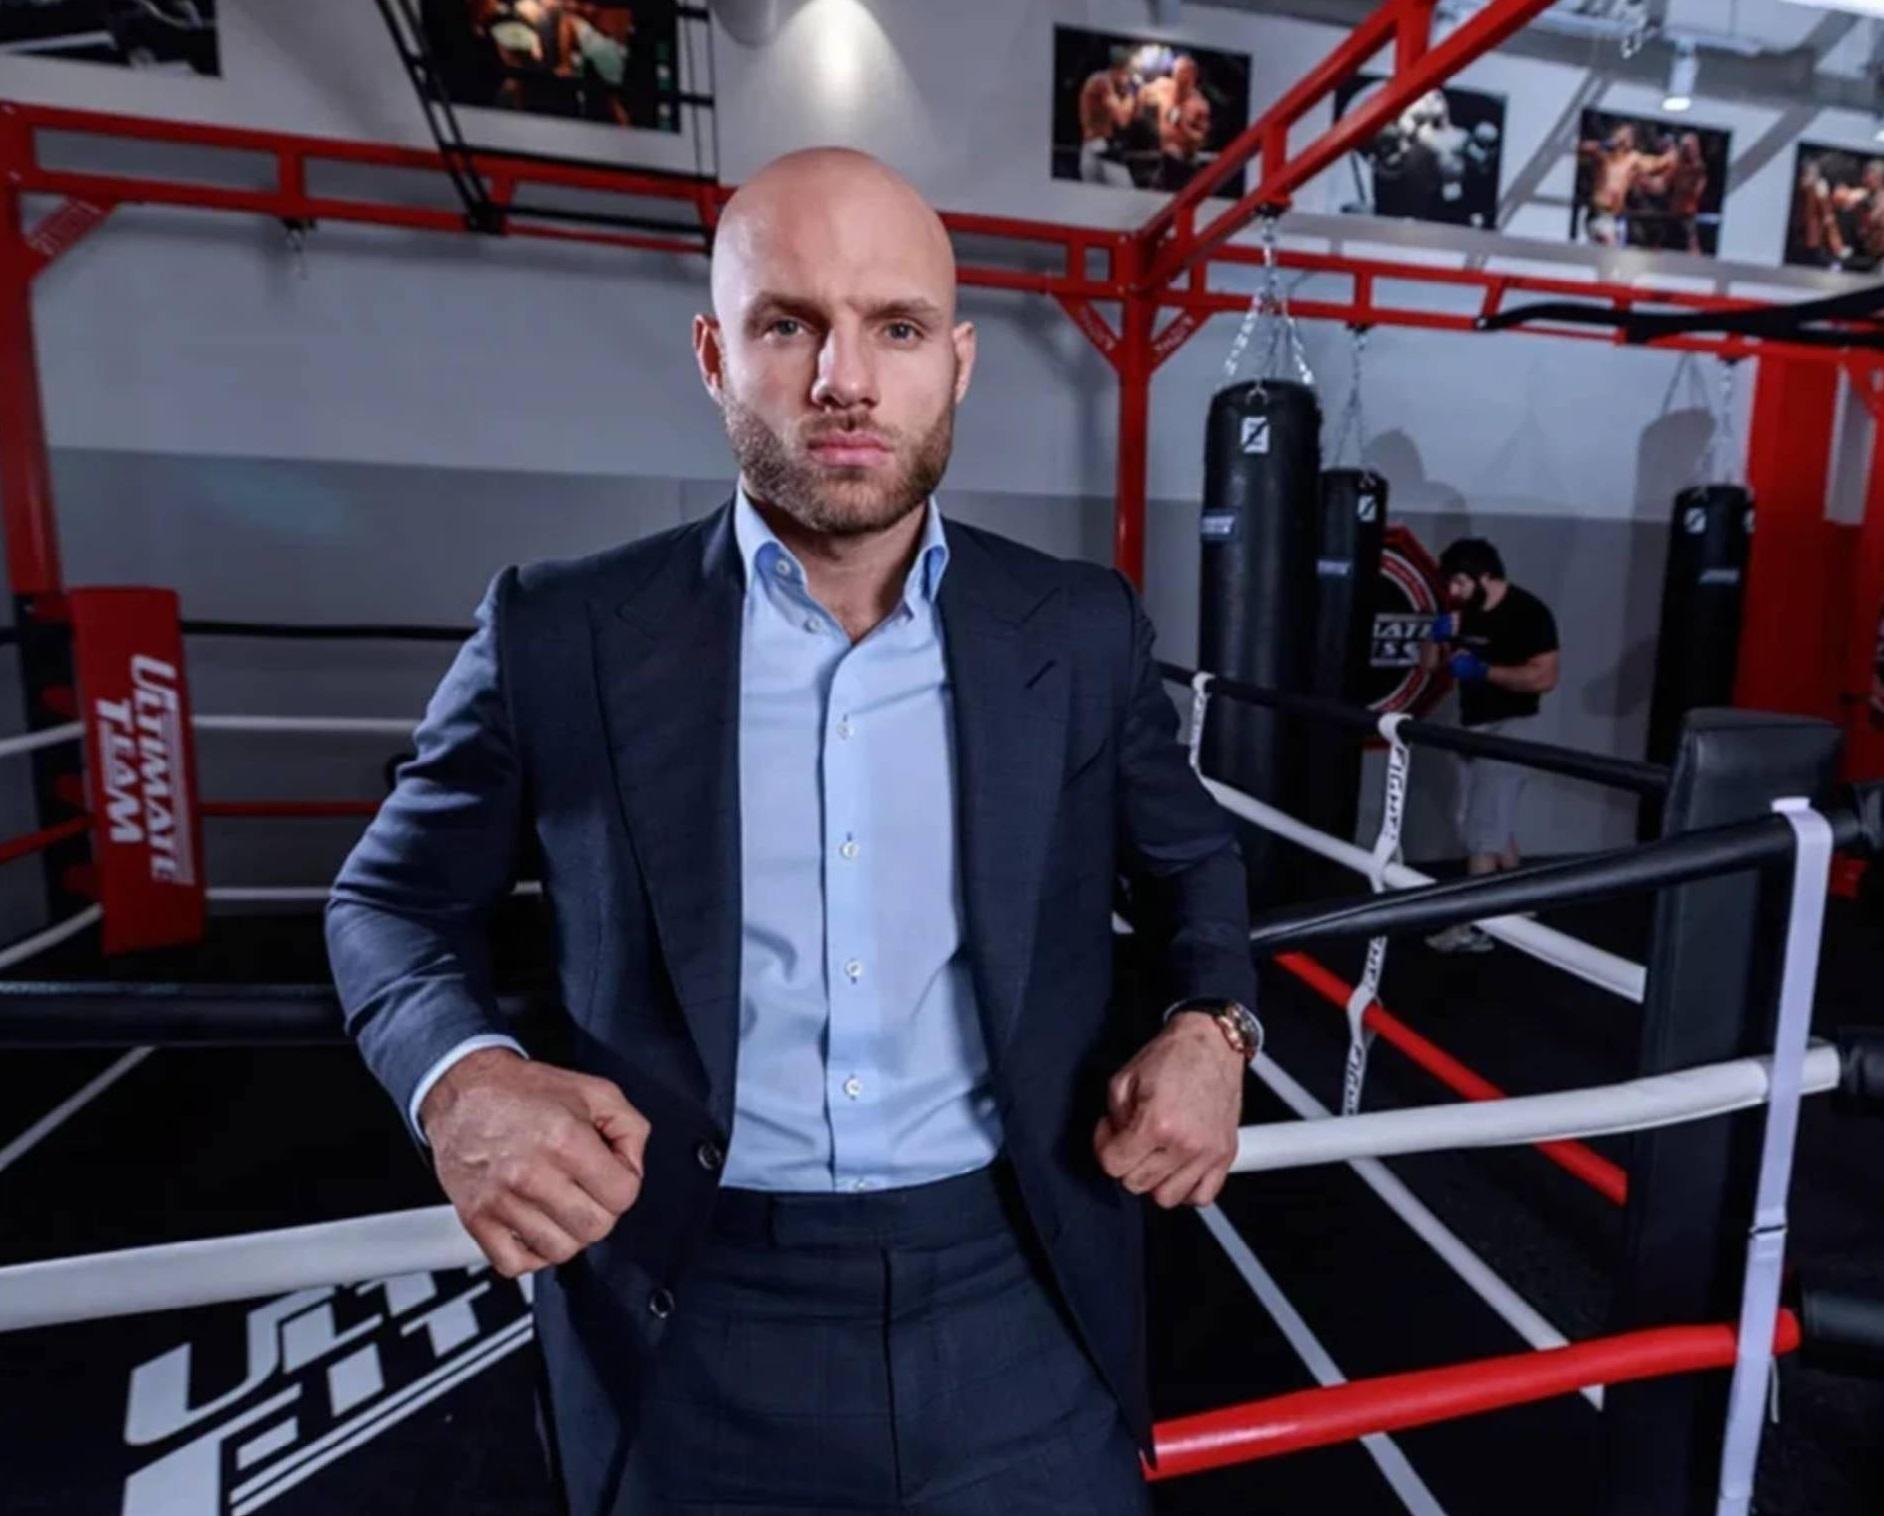 В России появилась первая профессиональная лига кулачных боёв.